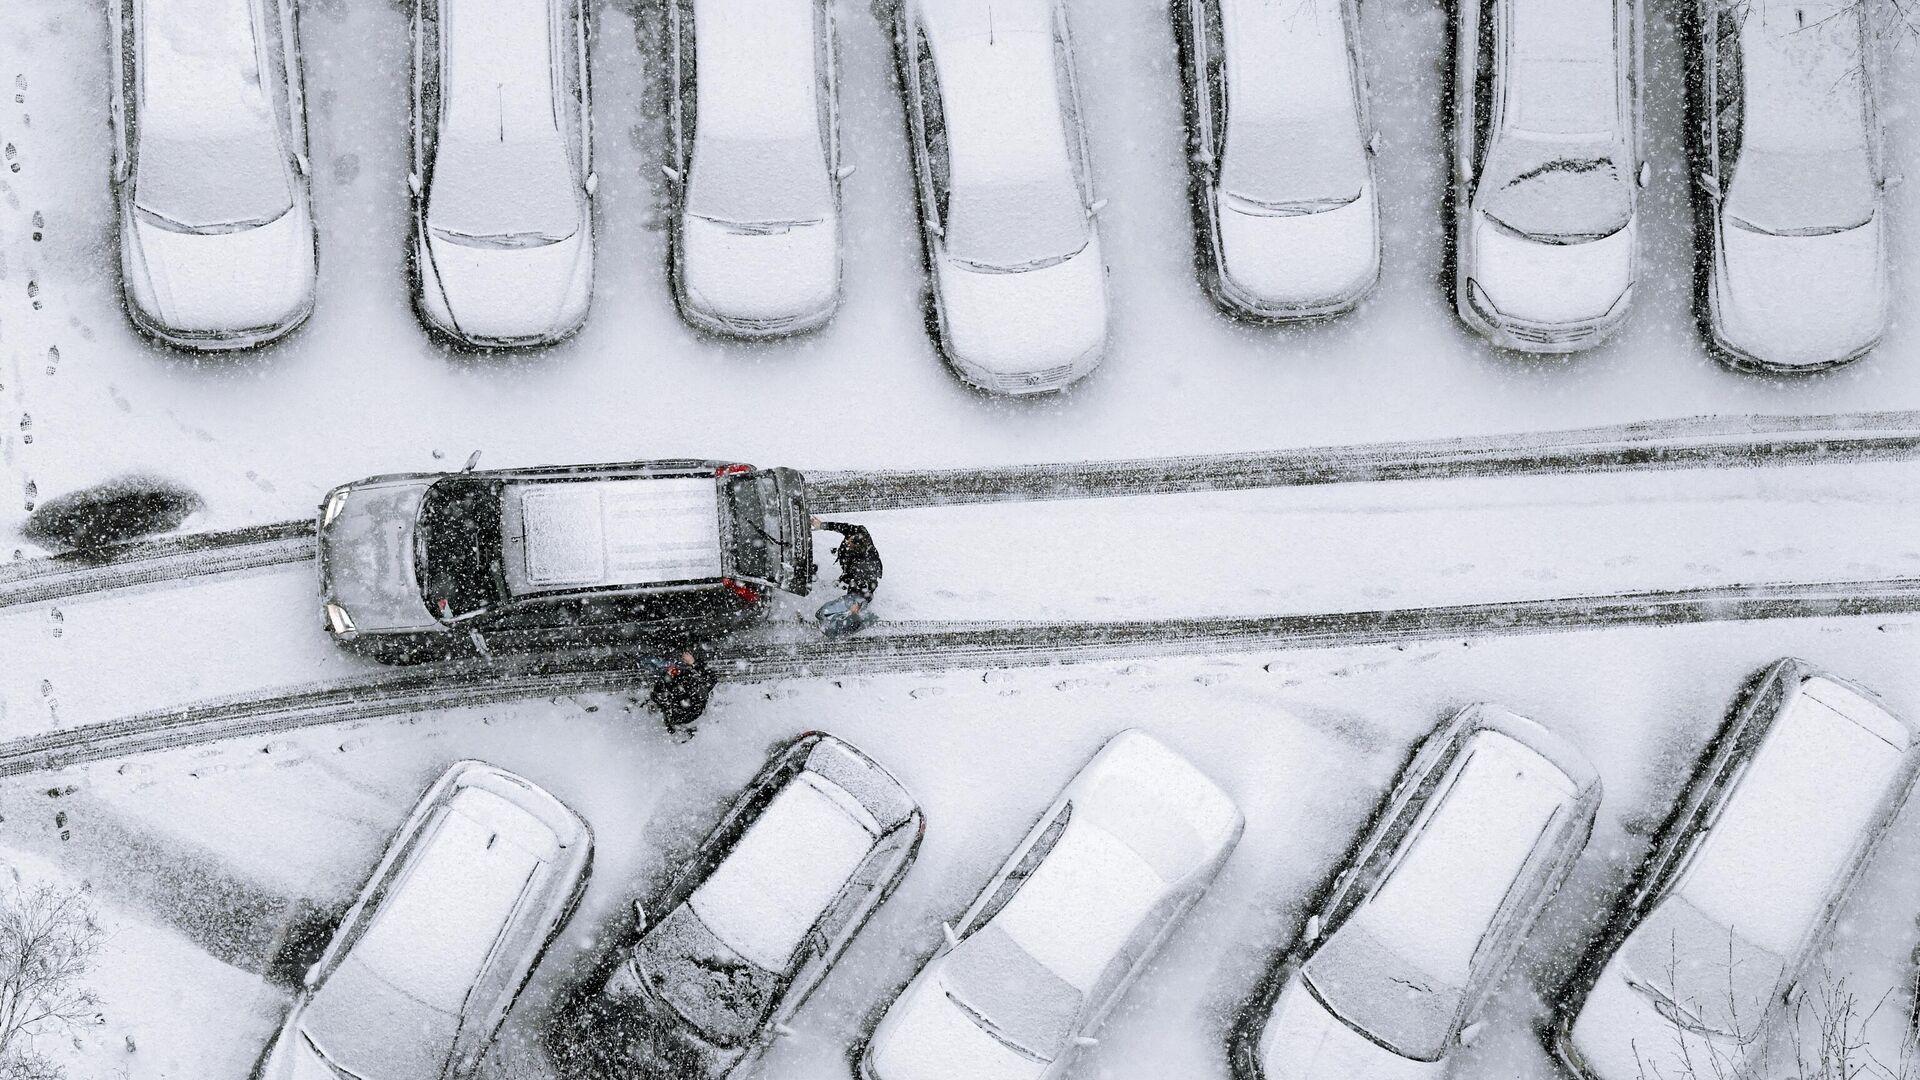 Автомобили, занесенные снегом, во дворе одного из жилых домов Москвы - РИА Новости, 1920, 08.02.2021